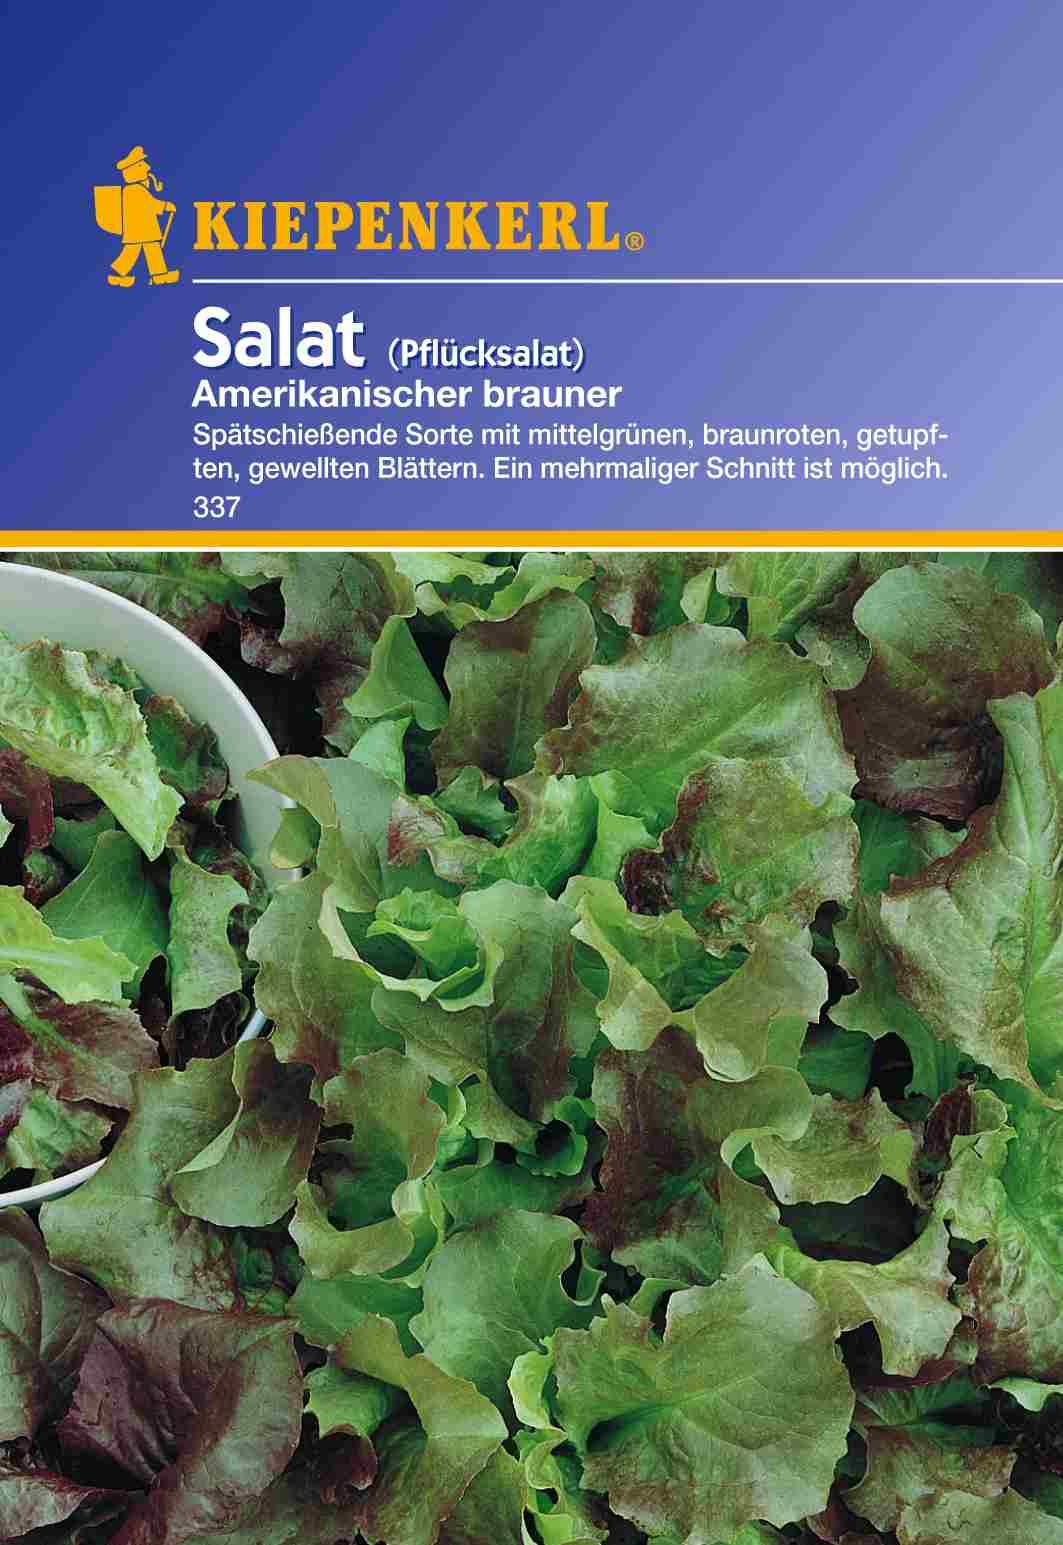 Saatgut Salat Amerikanischer brauner Bild 1